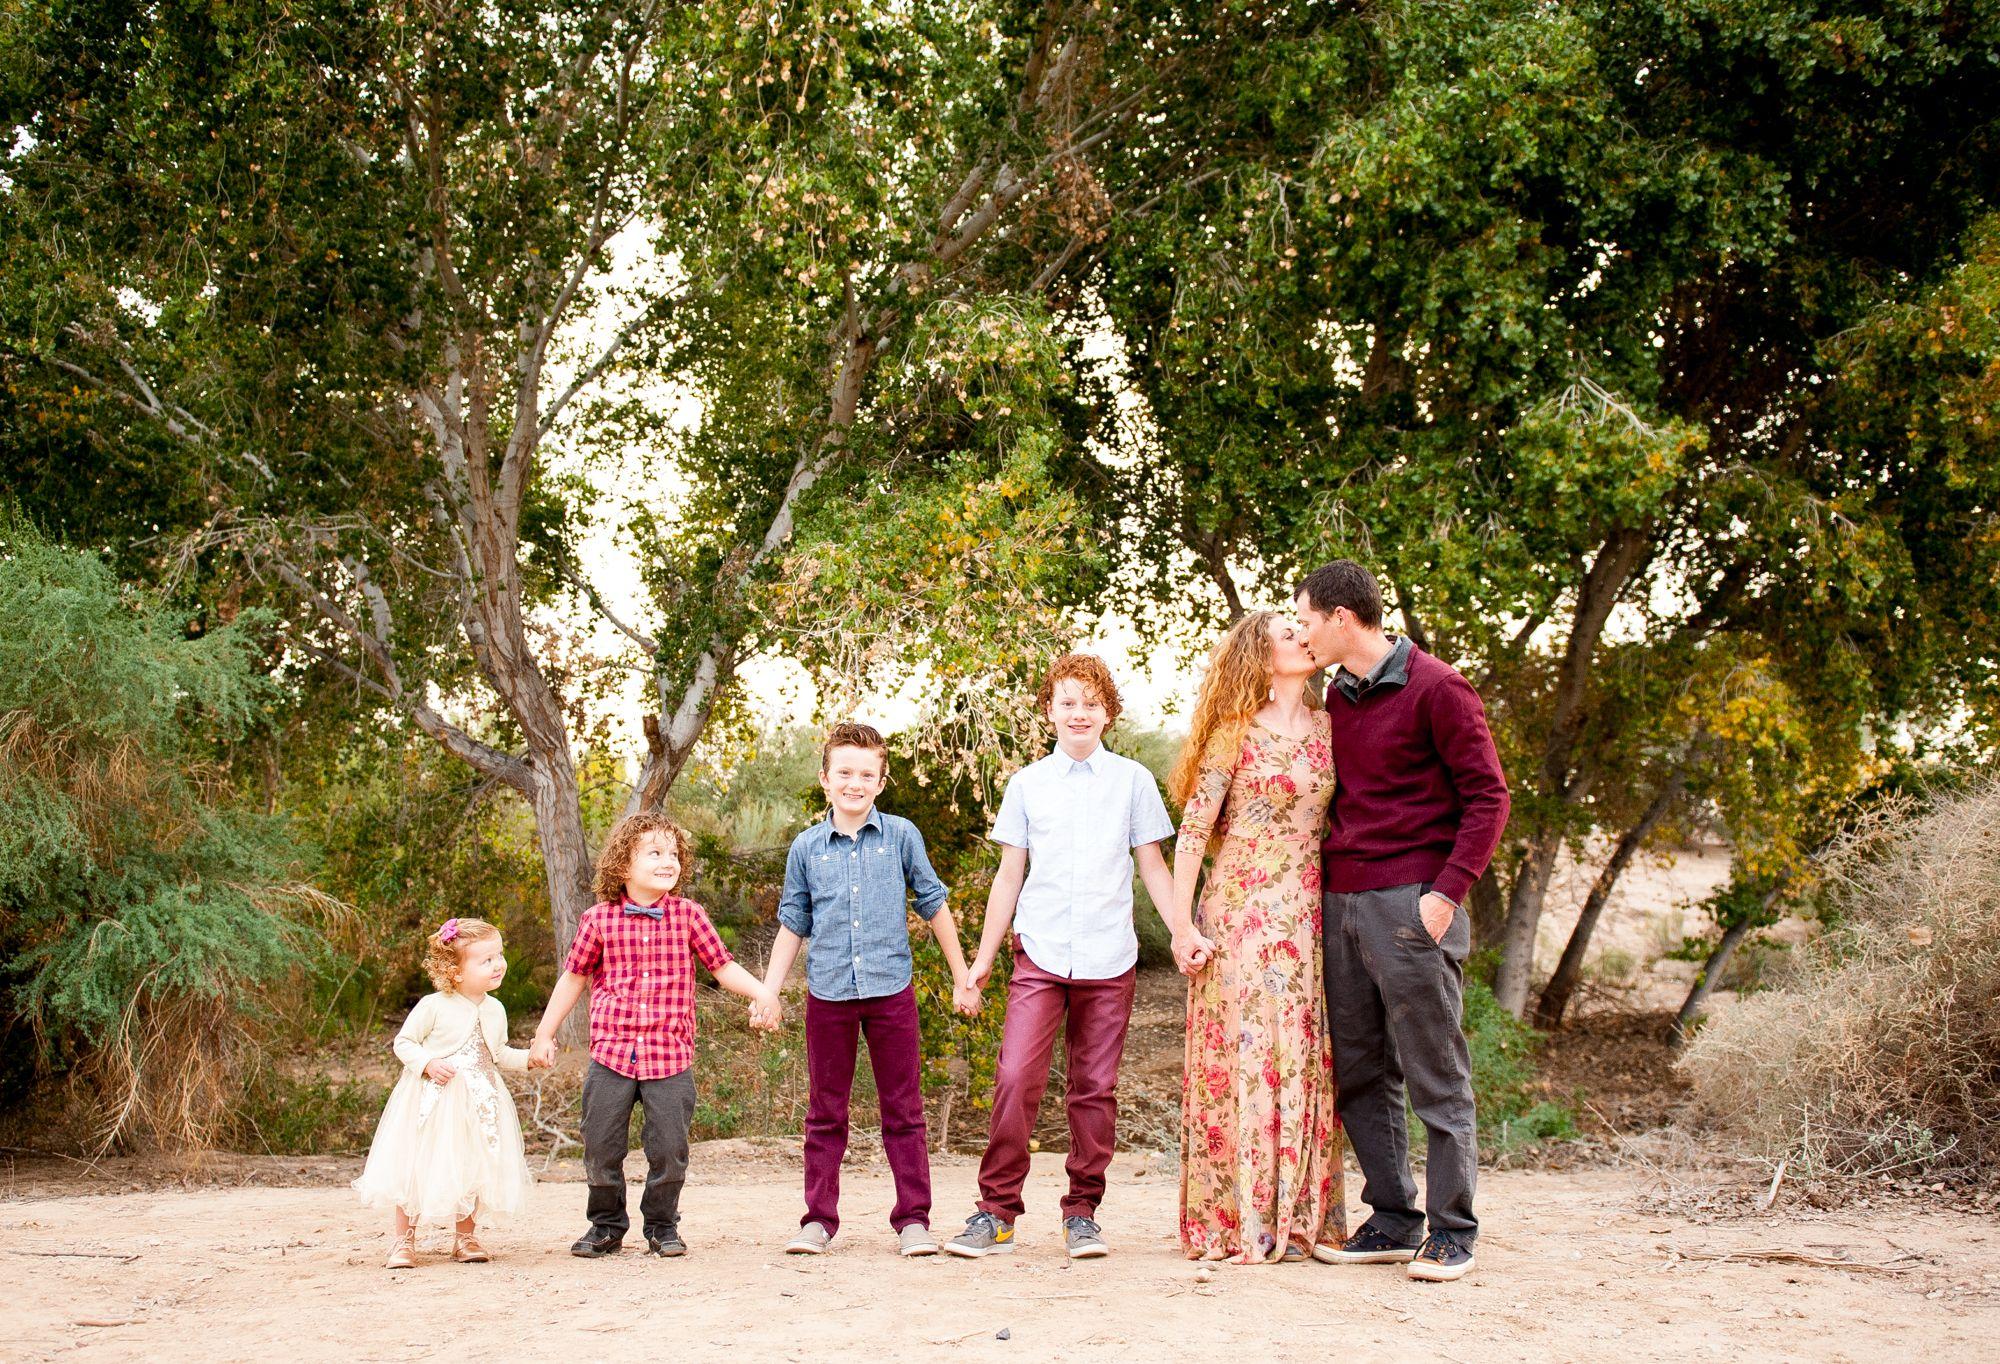 Whitener Family // Meg & Her Camera Photography (instagram @meganjaymorris)